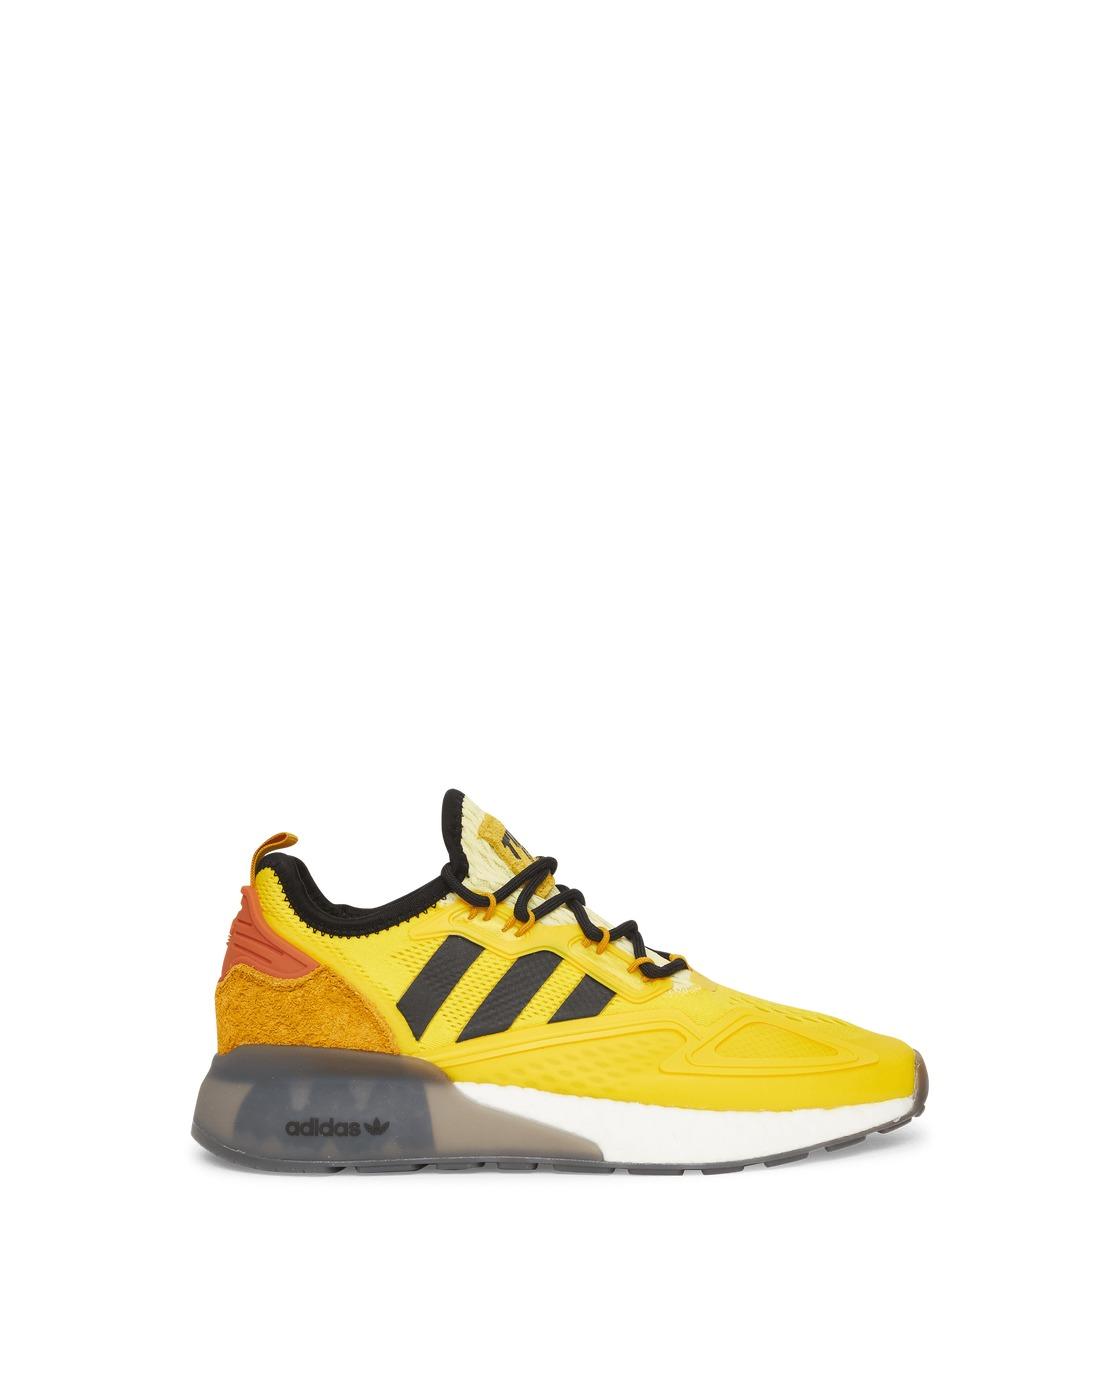 Adidas Originals Ninja Zx 2k Boost J Sneakers Yellow